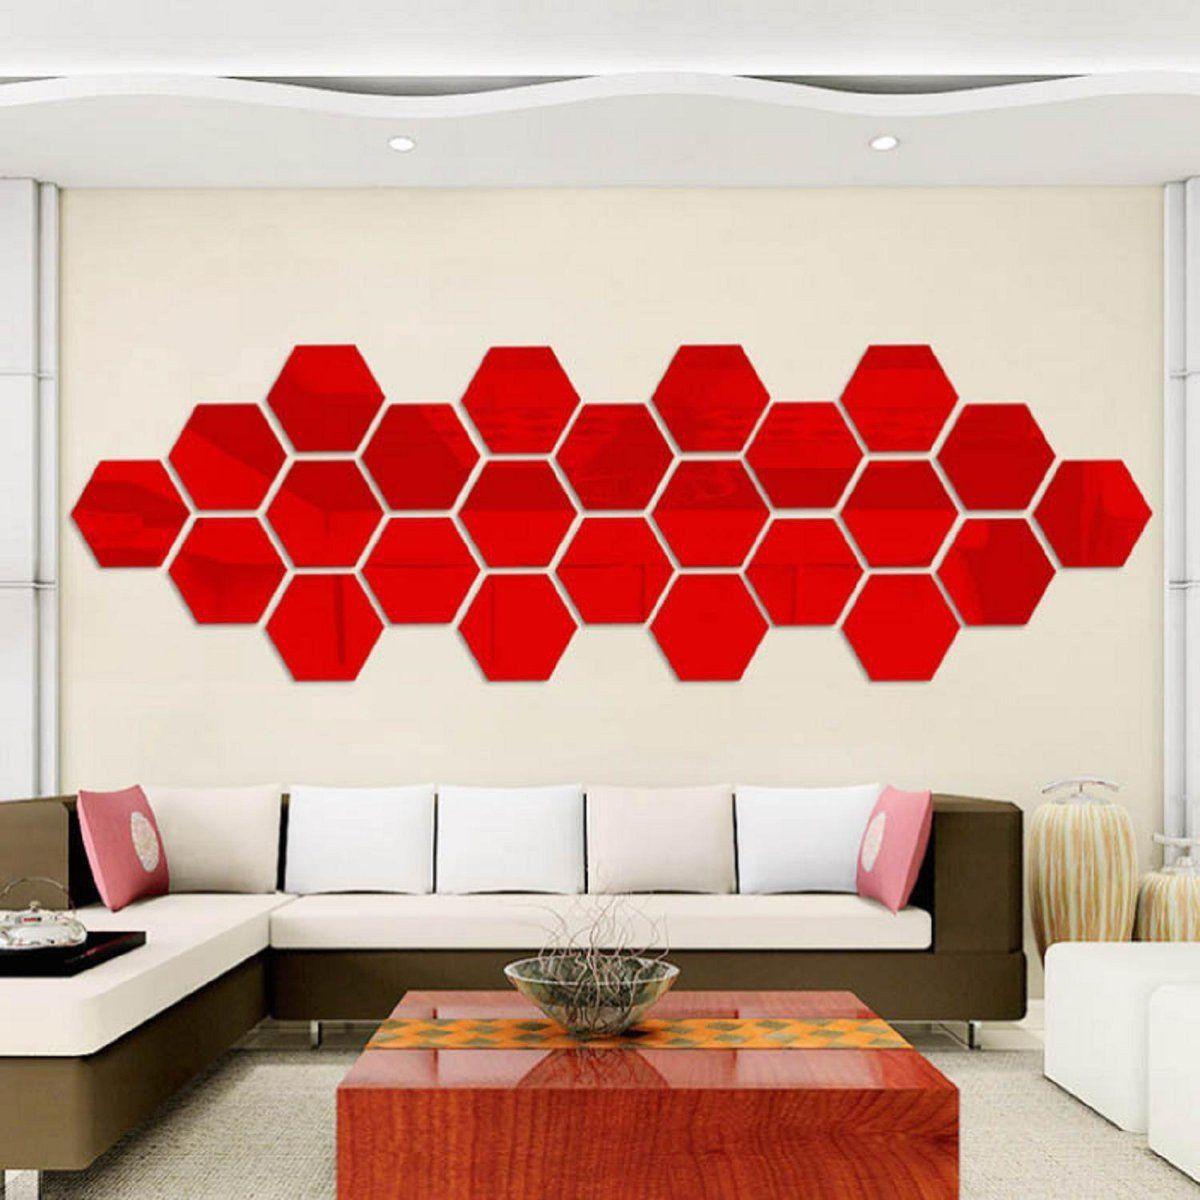 Diy d home mirror hexagon vinyl removable wall sticker decal art